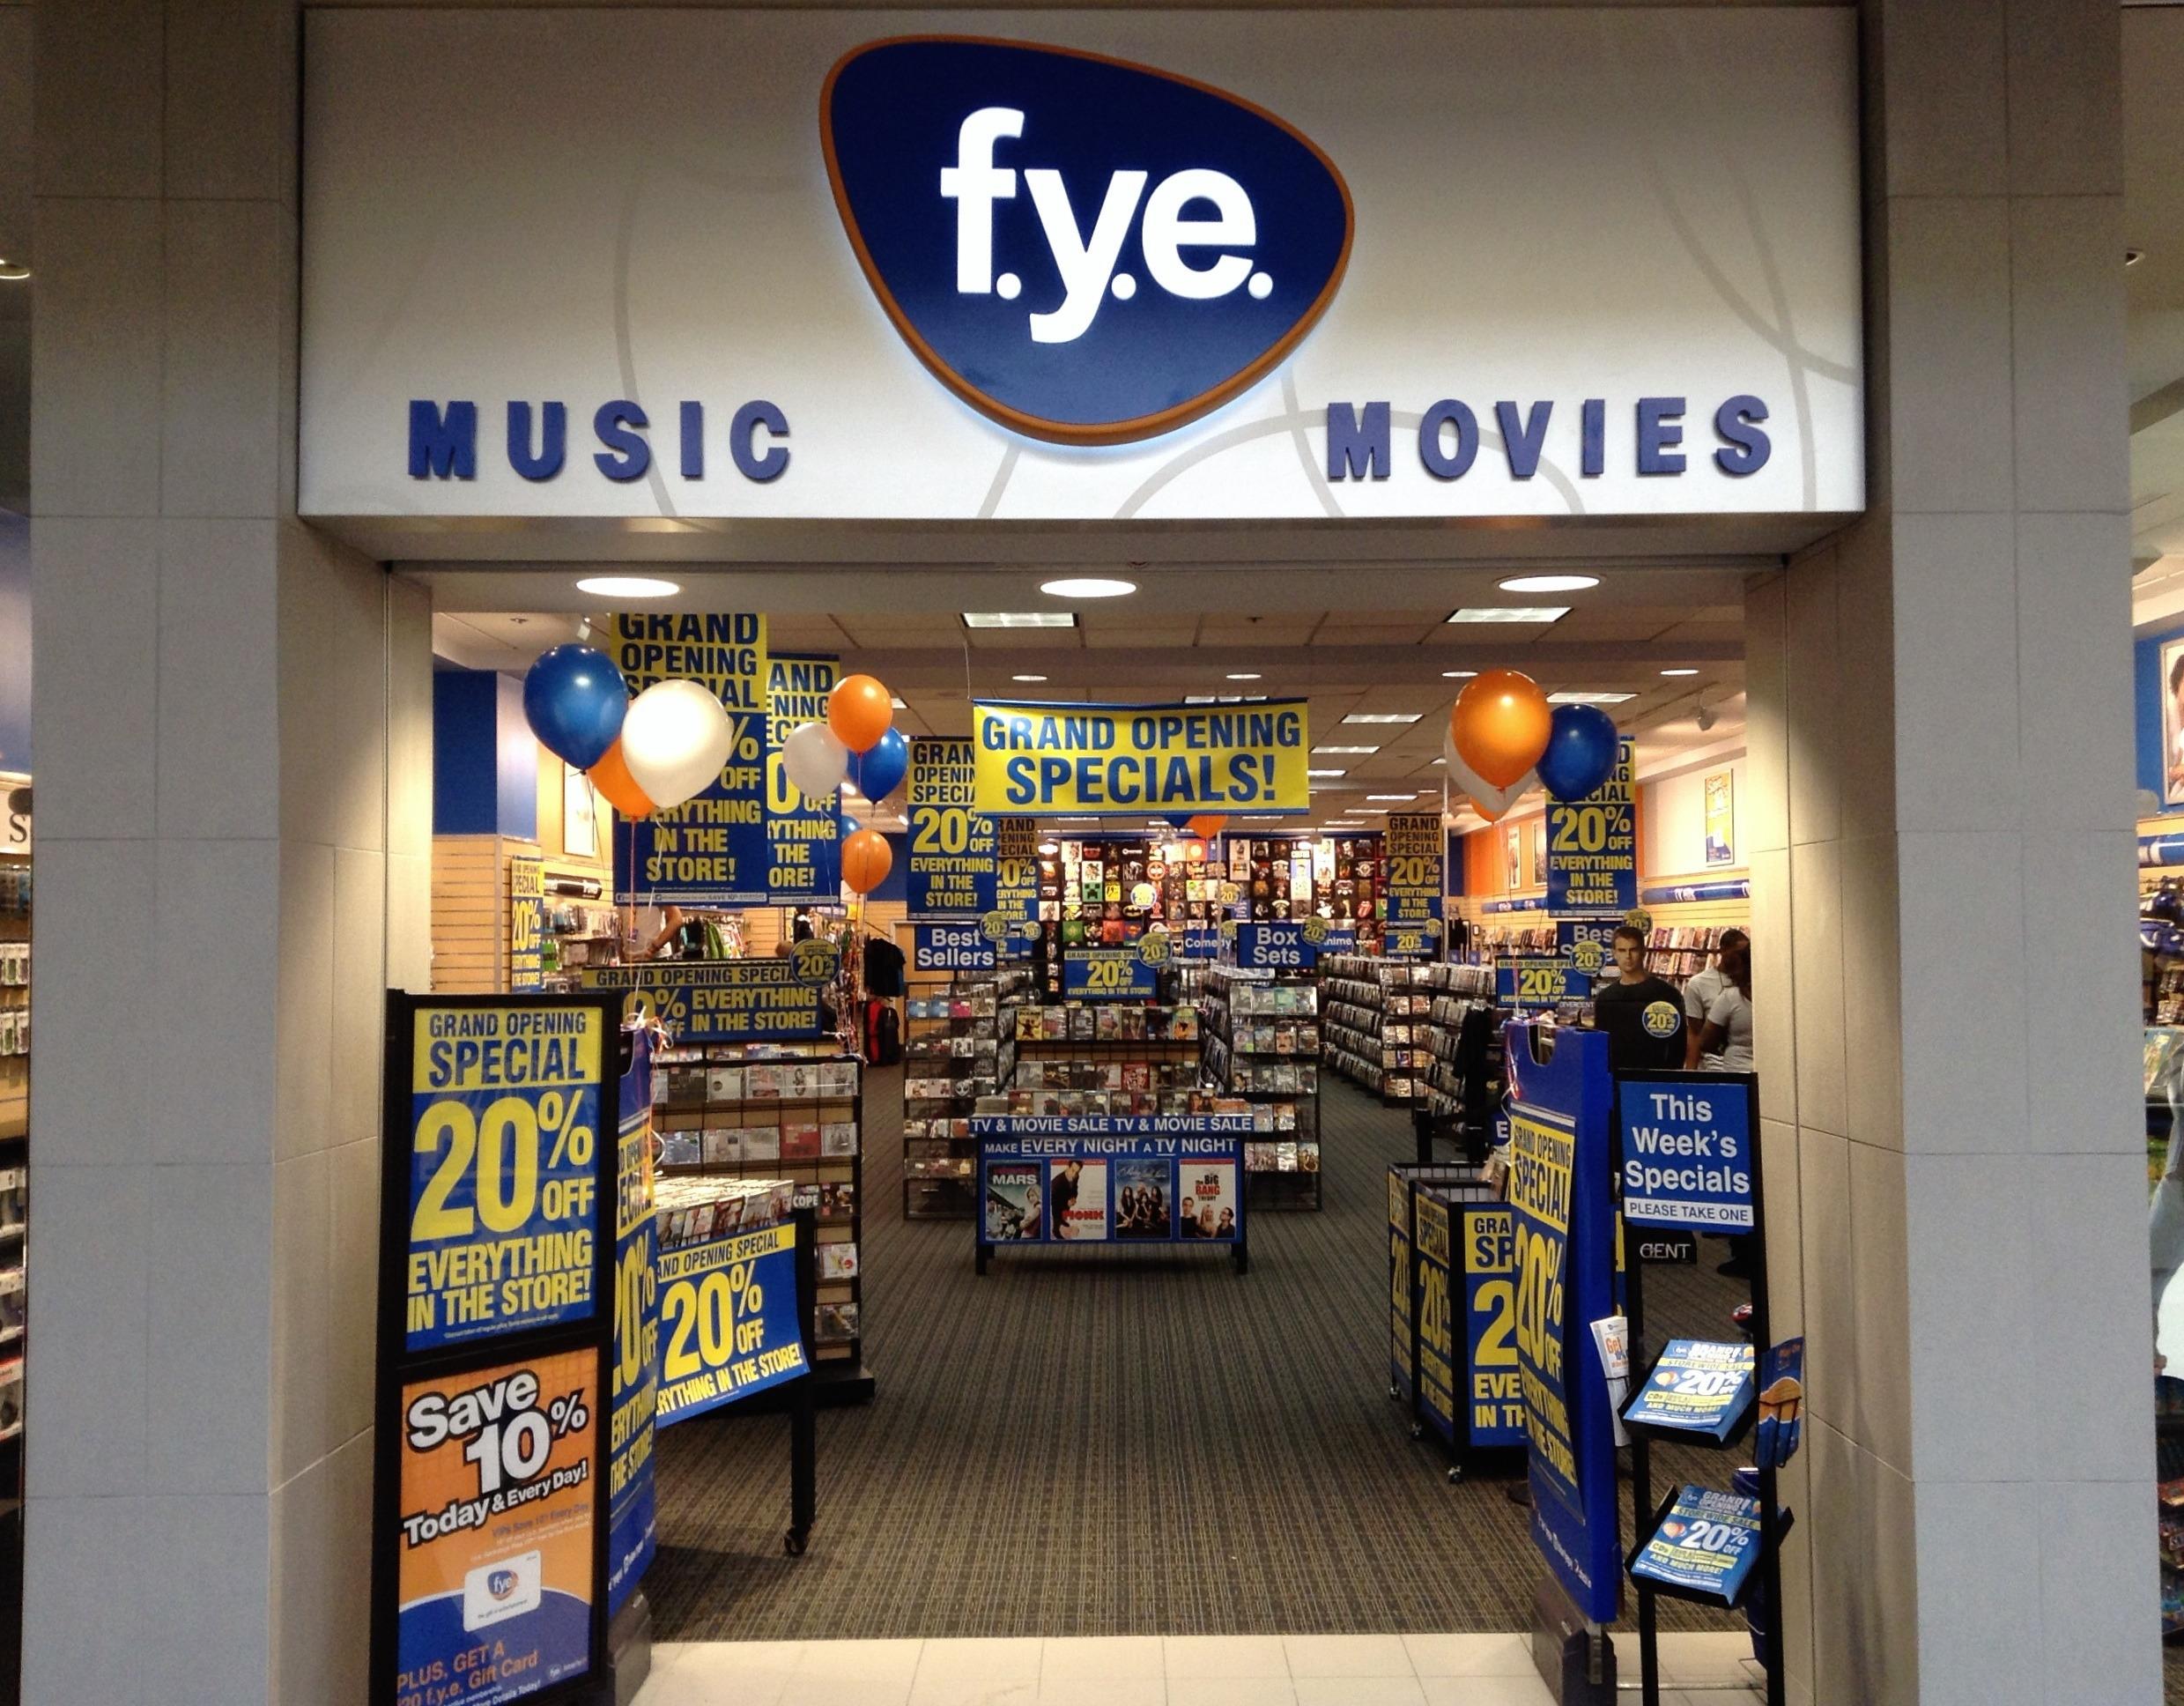 Take a look inside the FYE store!